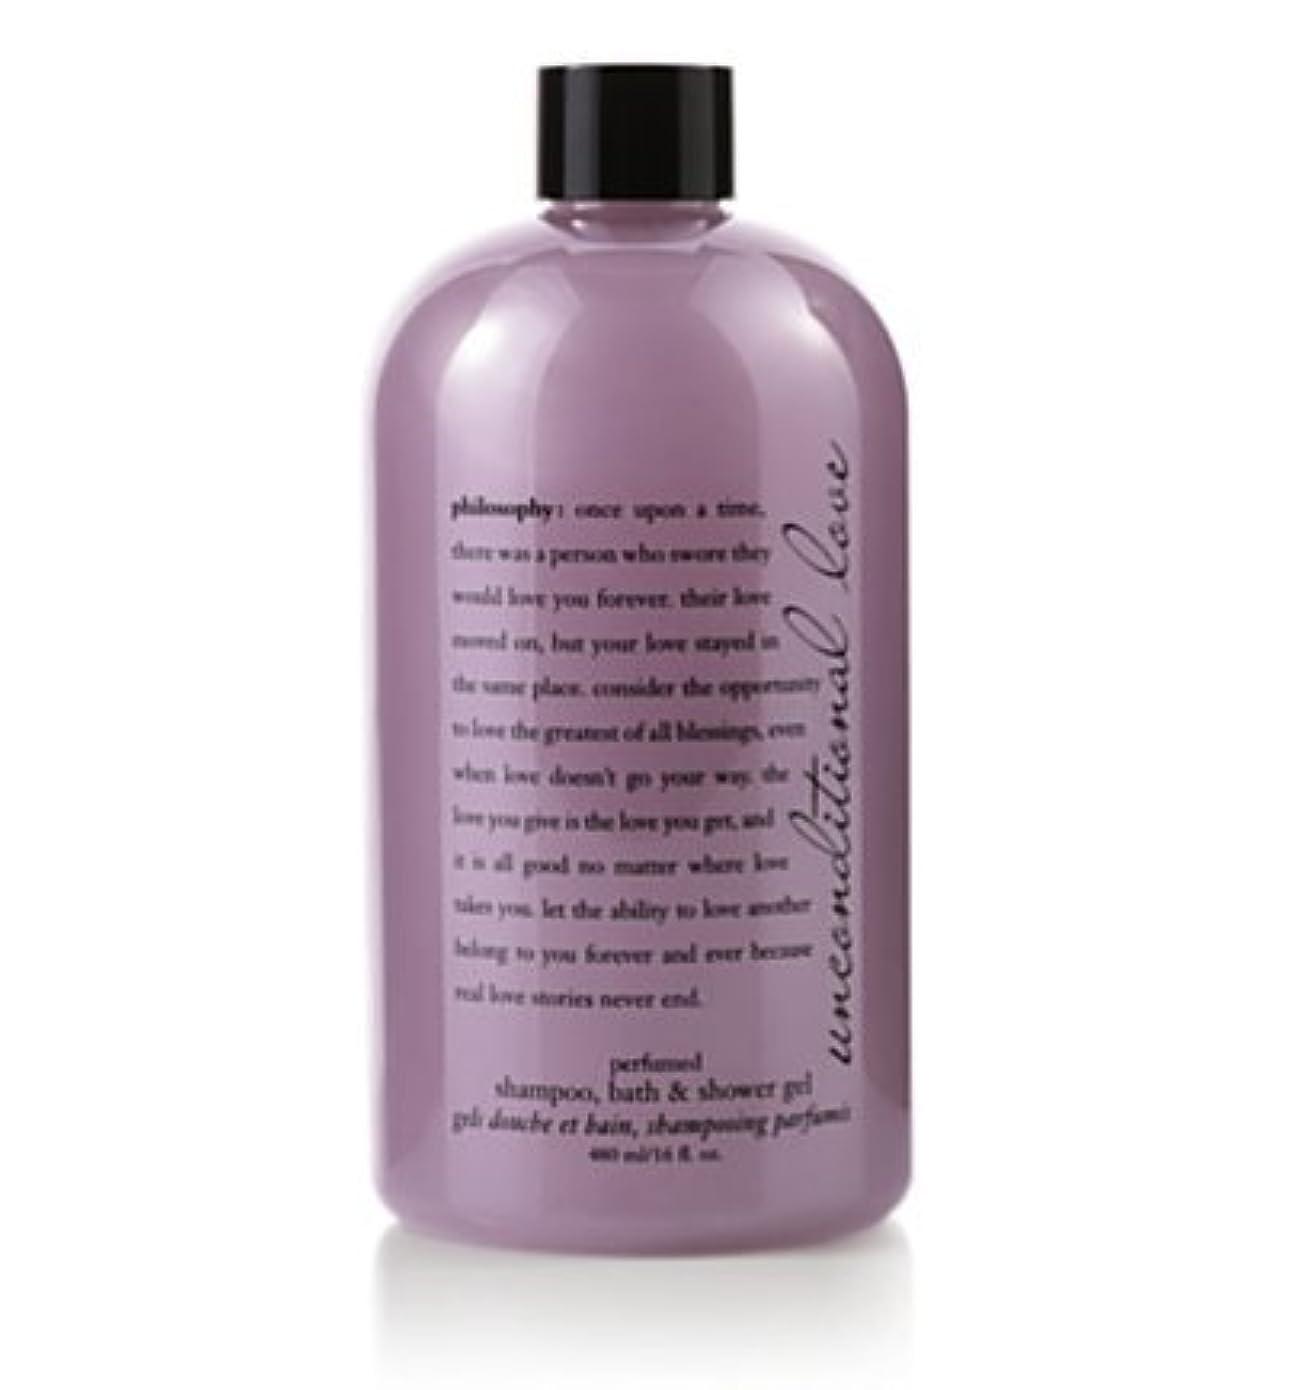 狂信者溶かす直接unconditional love (アンコンディショナルラブ ) 16.0 oz (480ml) perfumed shampoo, bath & shower gel for Women